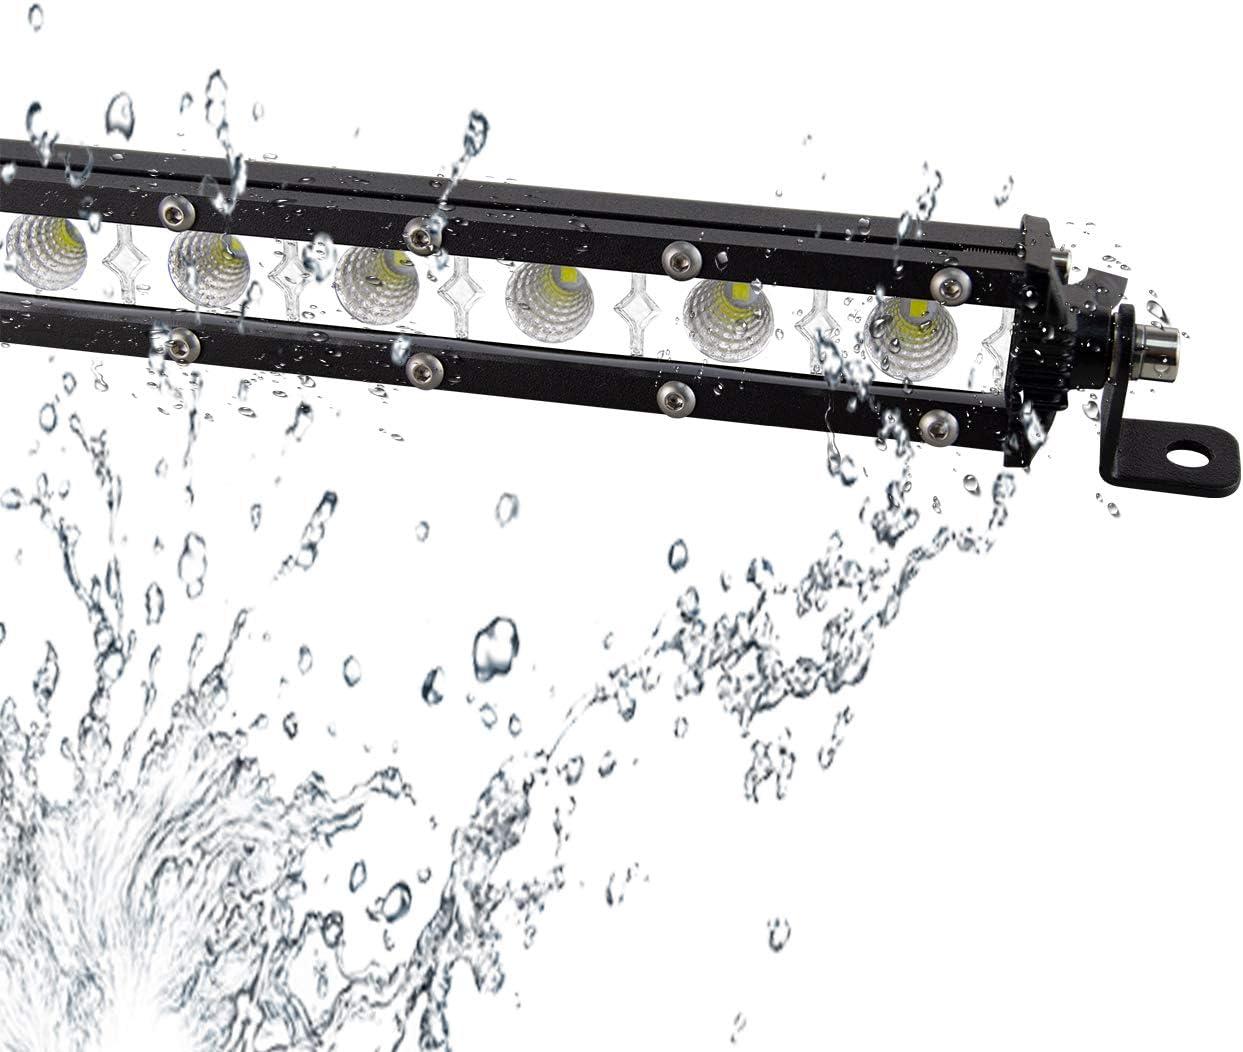 Willpower 37inch 180W Led Zusatzscheinwerfer 12V 24V Led Scheinwerfer Auto IP67 Wasserdicht Flutlicht Punkt Kombination Arbeitsscheinwerfer Led f/ür SUV UTV ATV Traktor Offroad